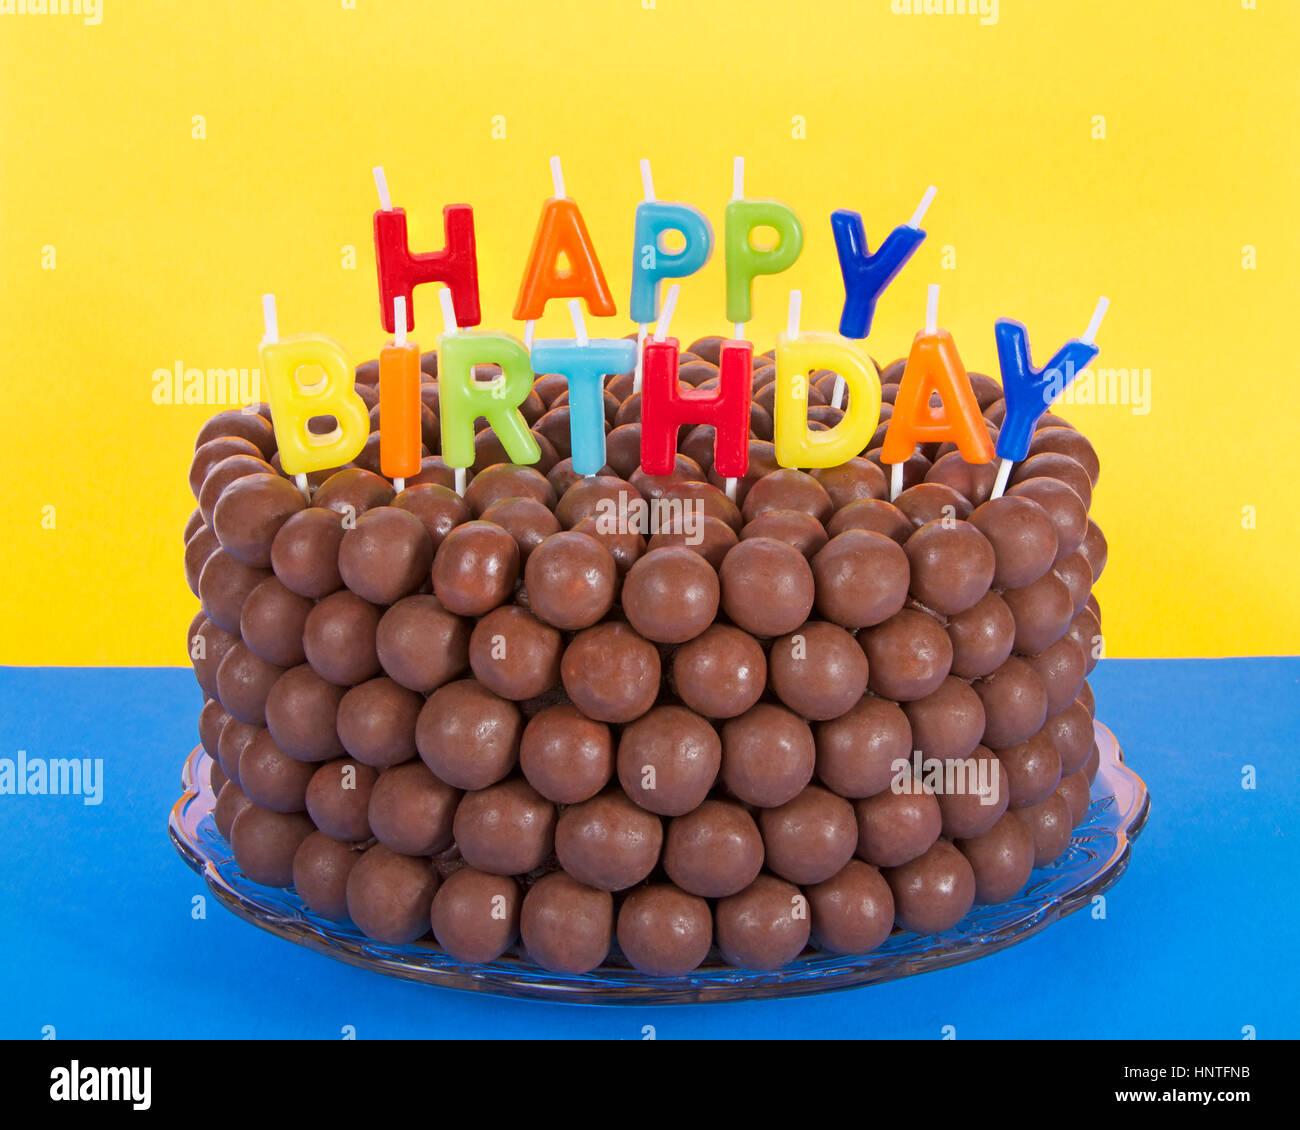 Whopper de una tarta de chocolate decorada con maltas caramelo bolas y velas de cumpleaños feliz. Superficie azul Foto de stock